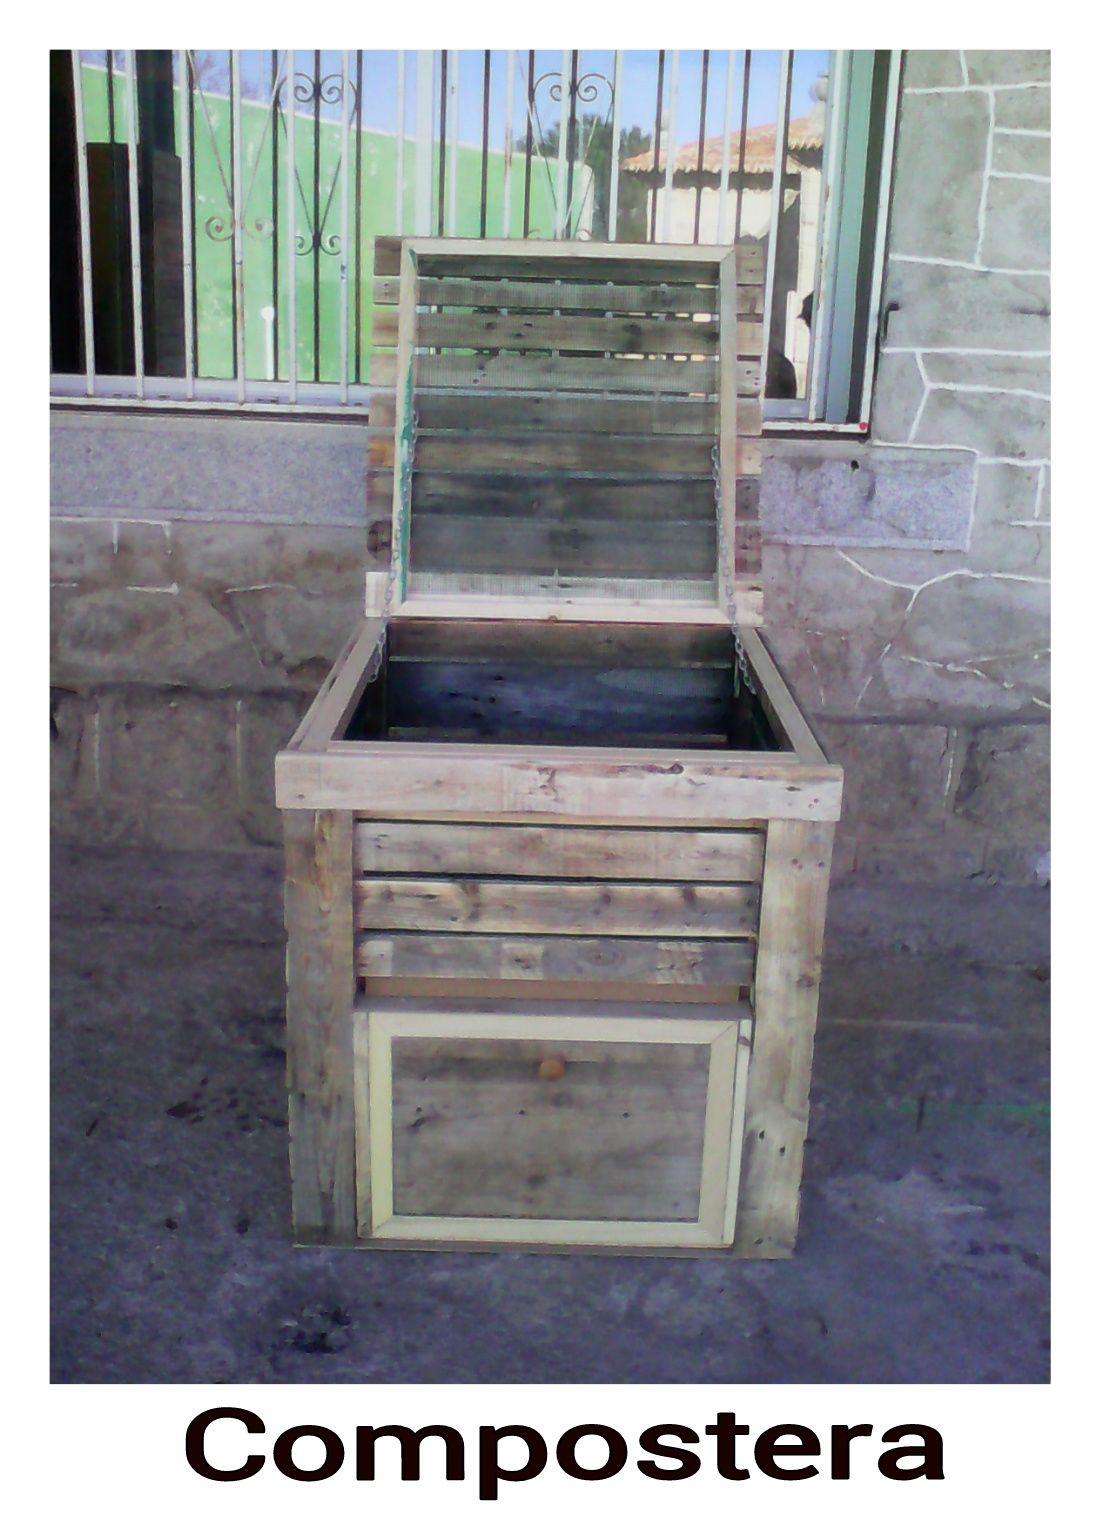 Compostera Hecha Con Maderas Recicladas Nuestros Muebles  # Muebles La Huerta